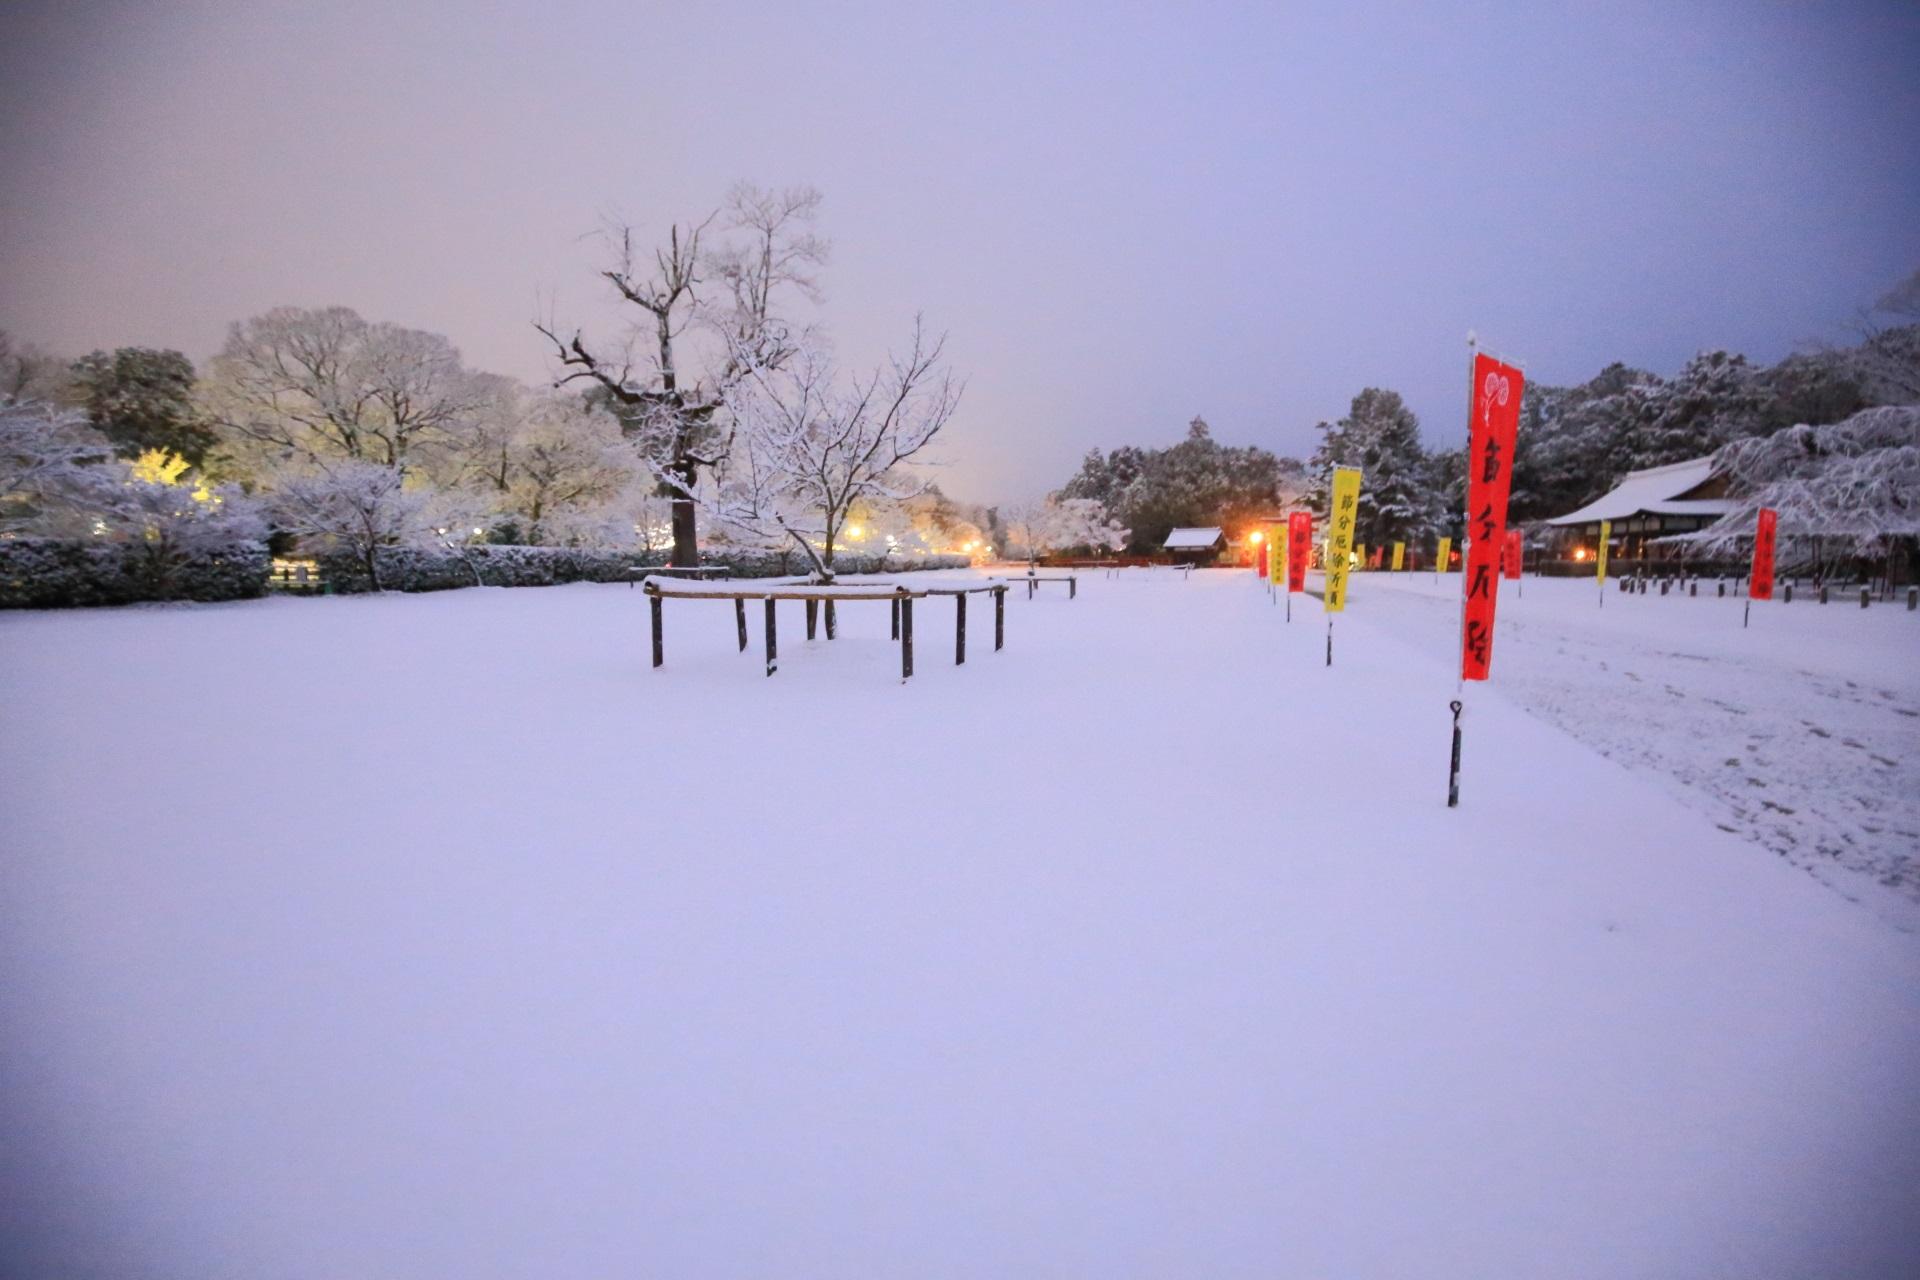 上賀茂神社の夜明け前の白銀の境内